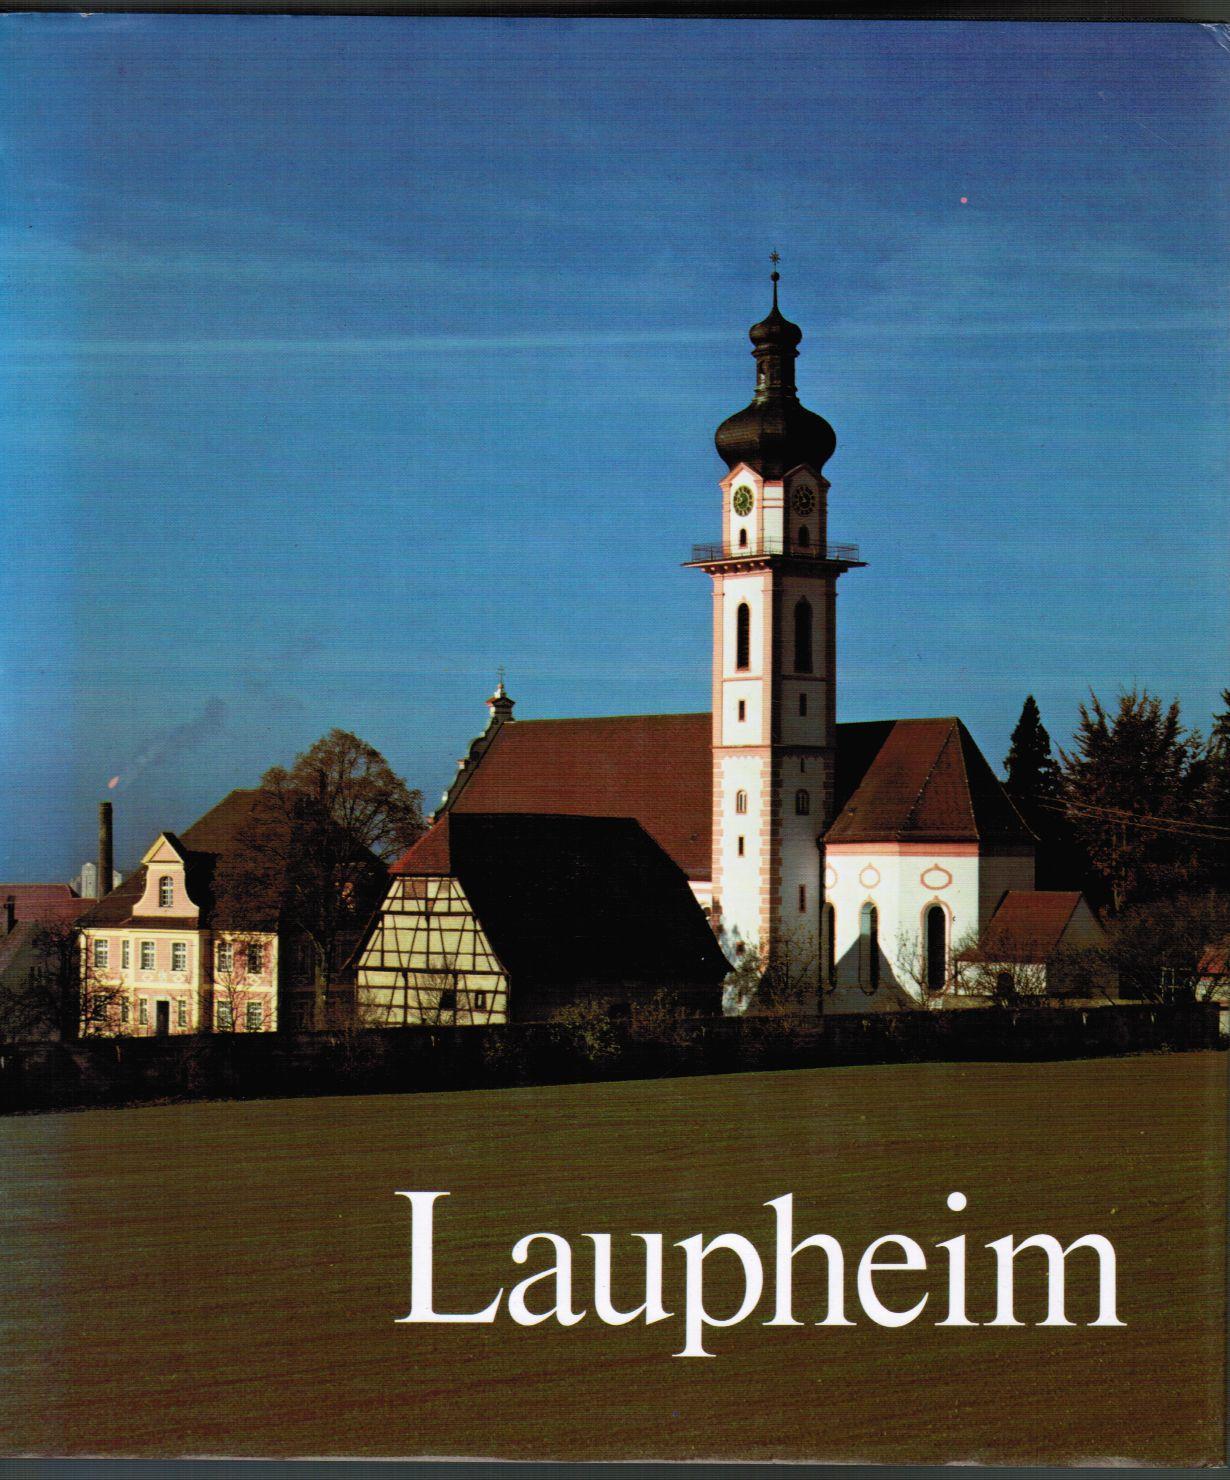 Herausgegeben von der Stadt Laupheim in Rückschau: Laupheim.